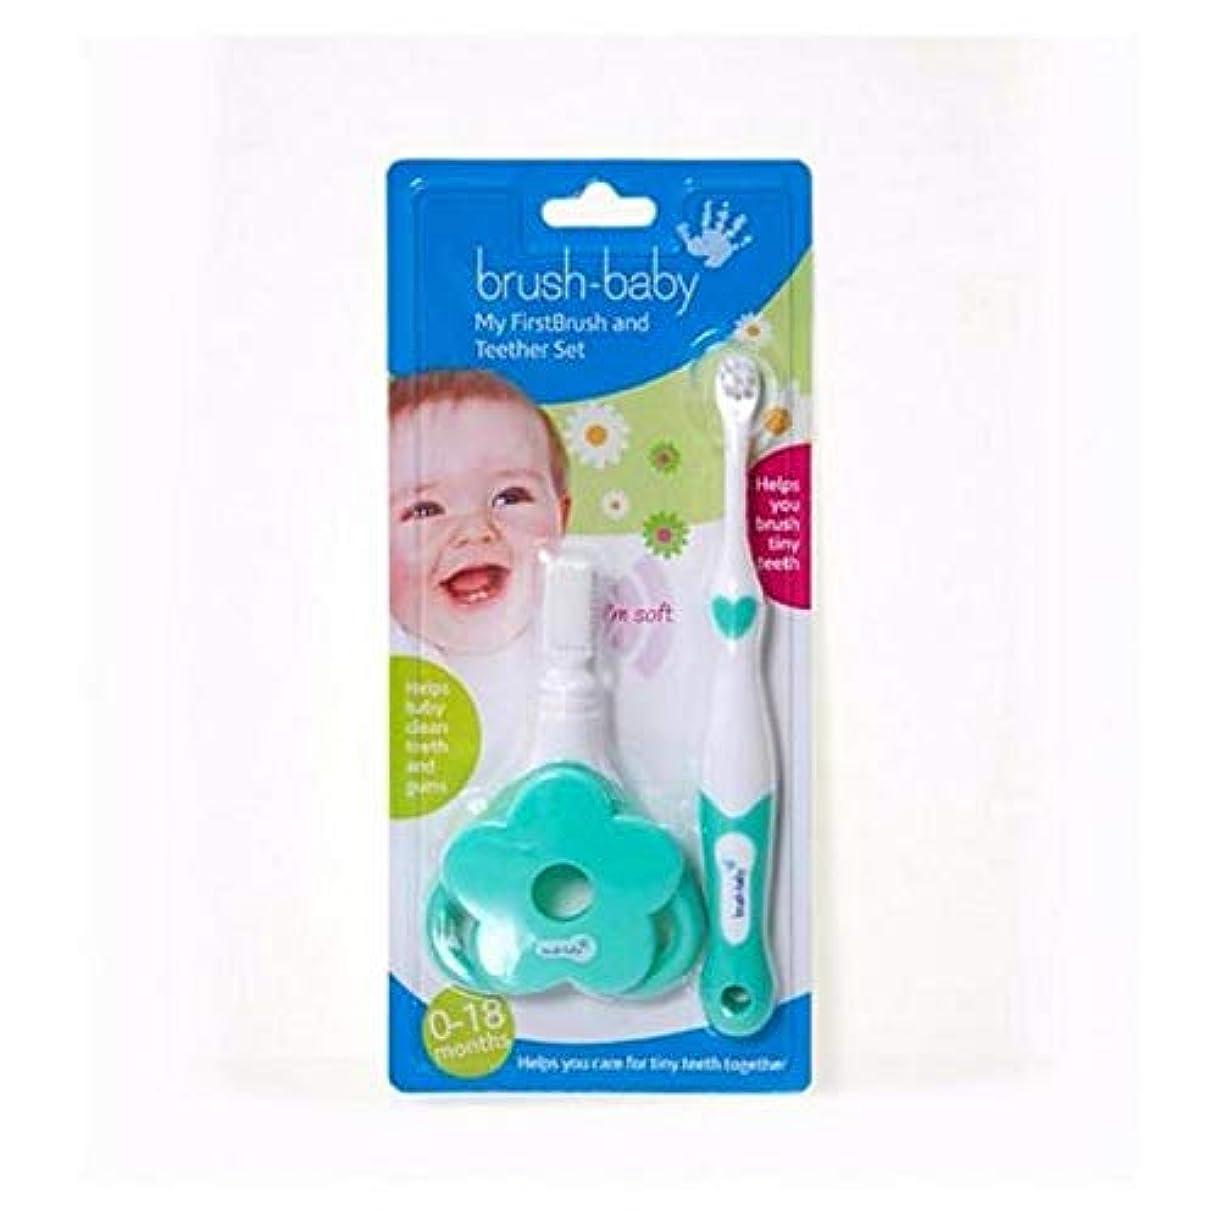 オン競争毎月[Brush-Baby ] ブラシ赤ちゃんが私のFirstbrush&おしゃぶりはパックごとに2を設定します - Brush-Baby My FirstBrush & Teether Set 2 per pack [並行輸入品]